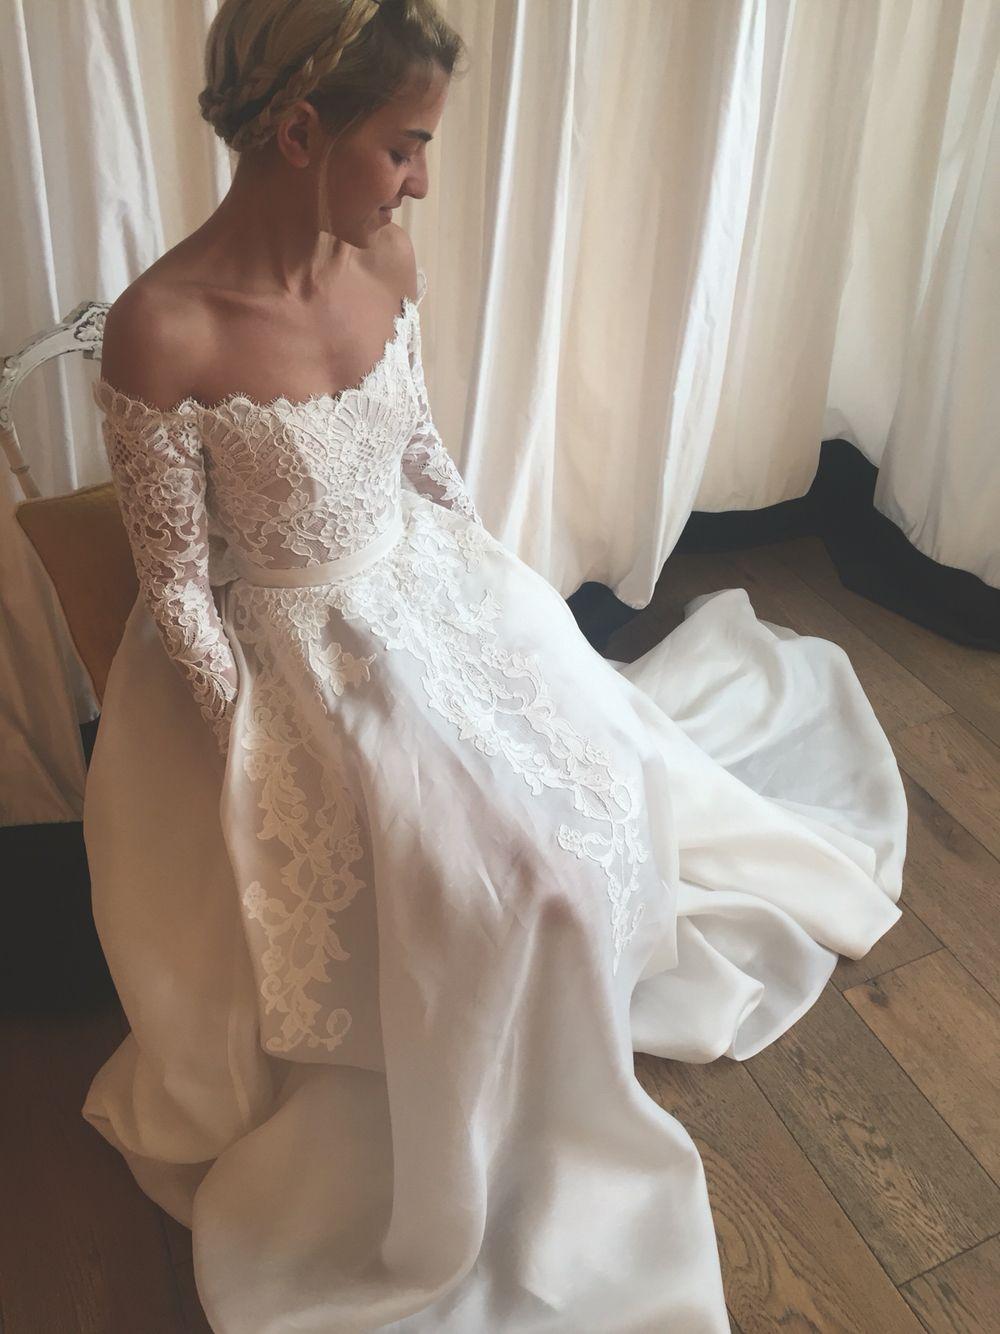 Likush- Lihi Hod wedding dress